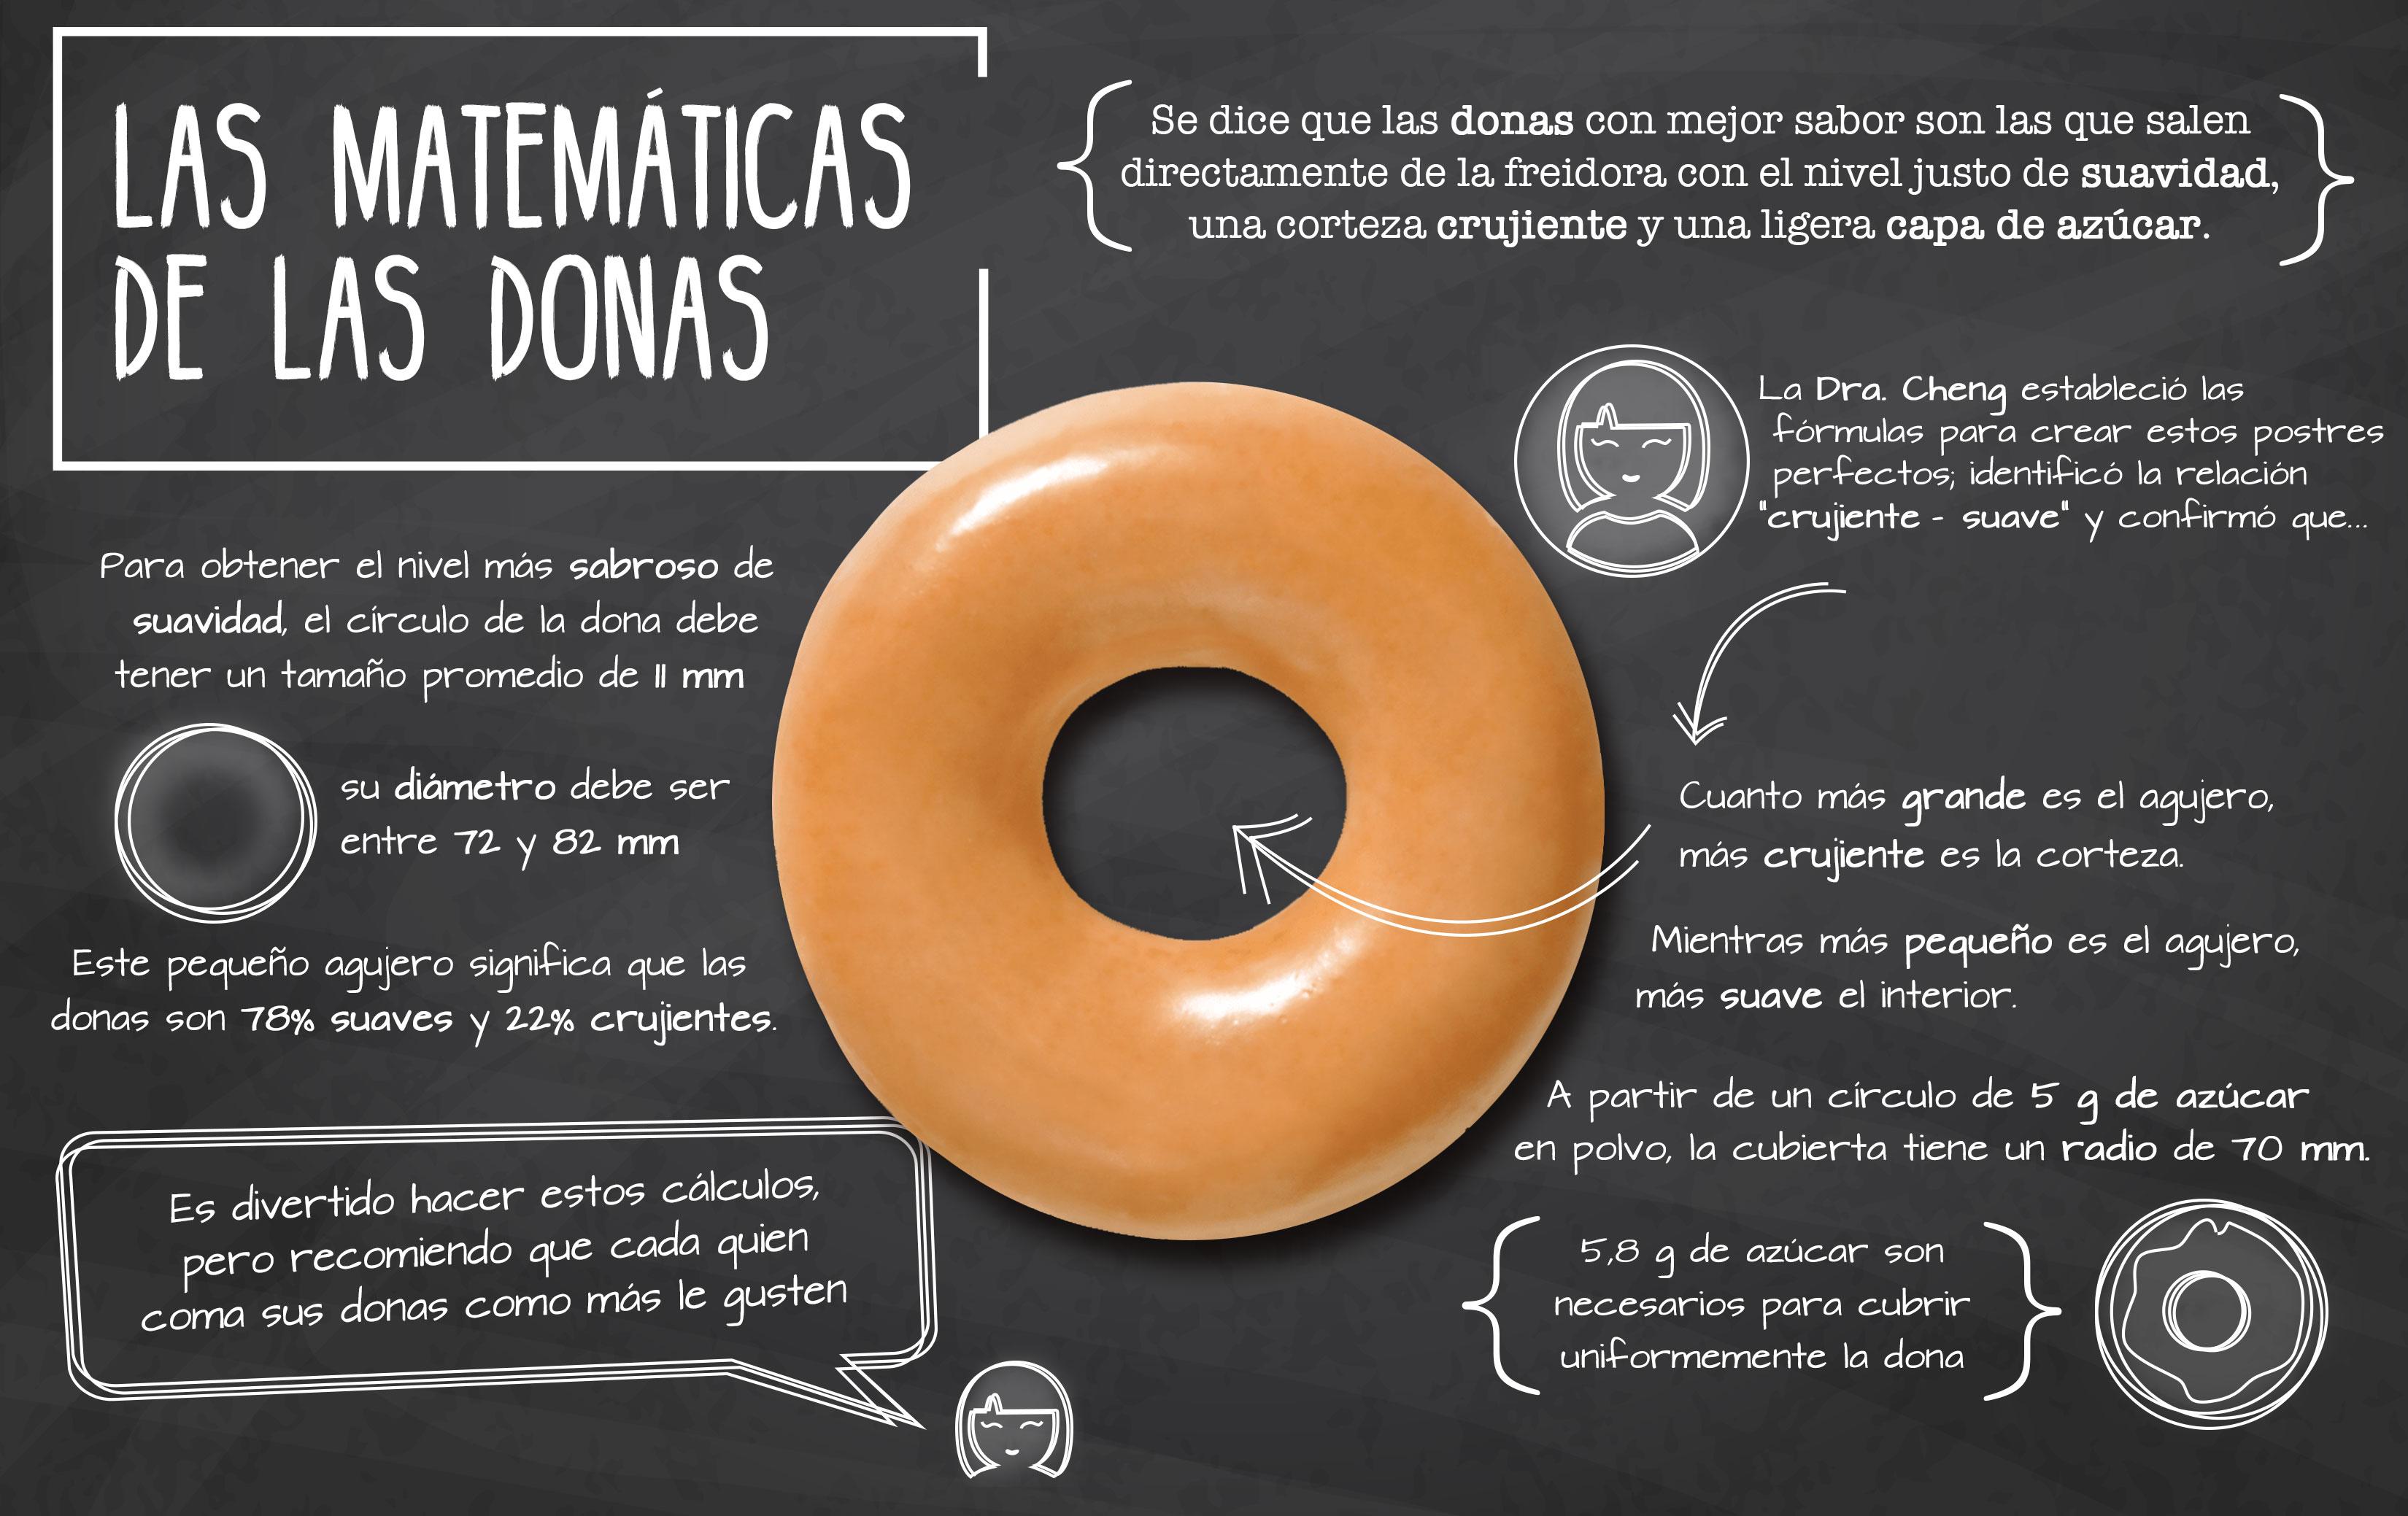 Las matemáticas de las donas